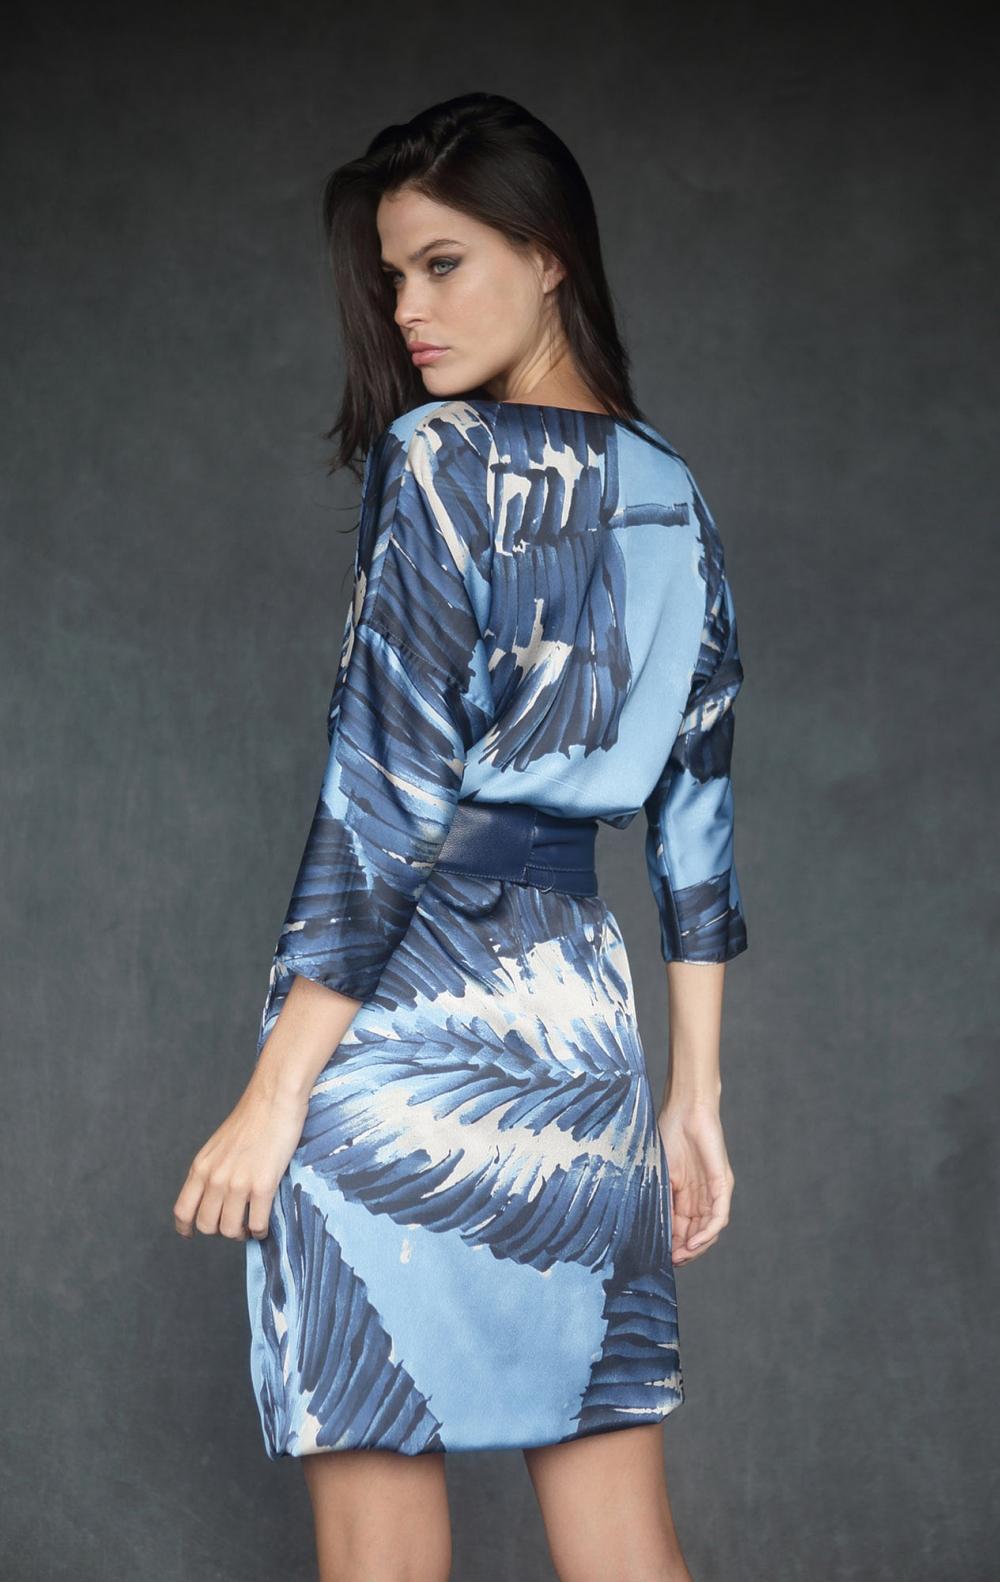 Vestido Estampado Azul  - Foto 2